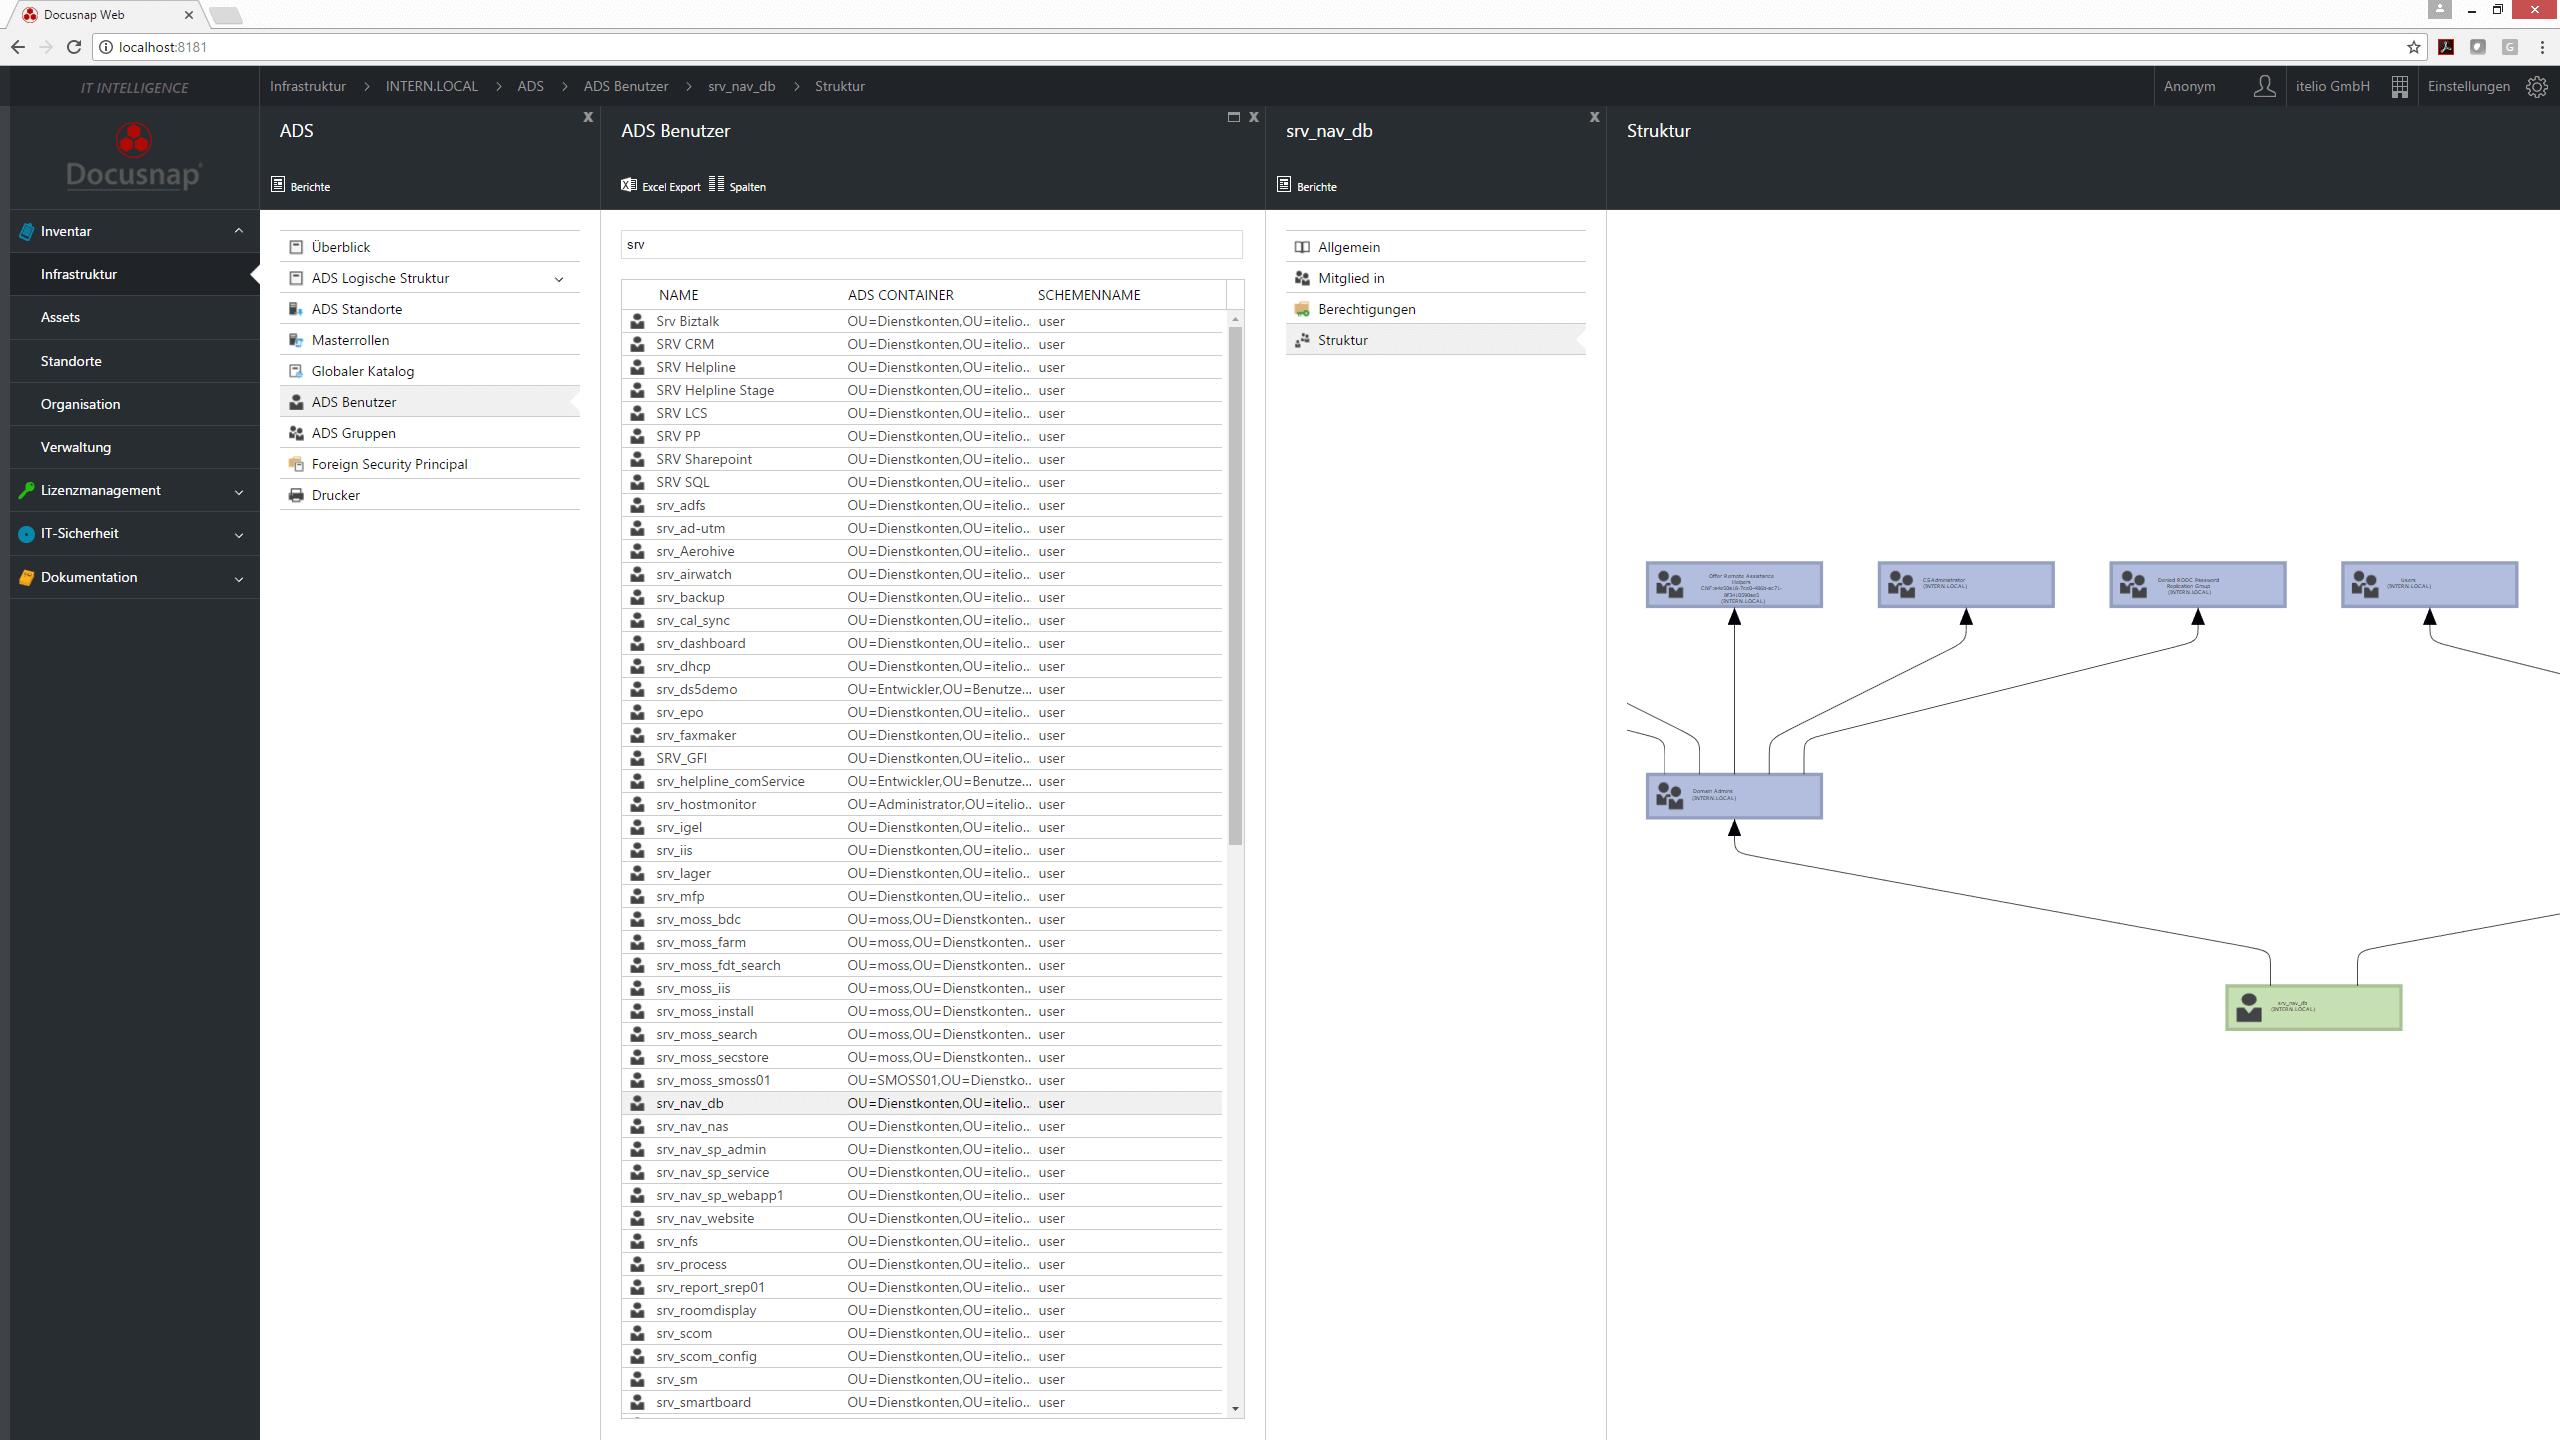 Screenshot: Darstellung von Grupenmitgliedschaften im Docusnap Web Client